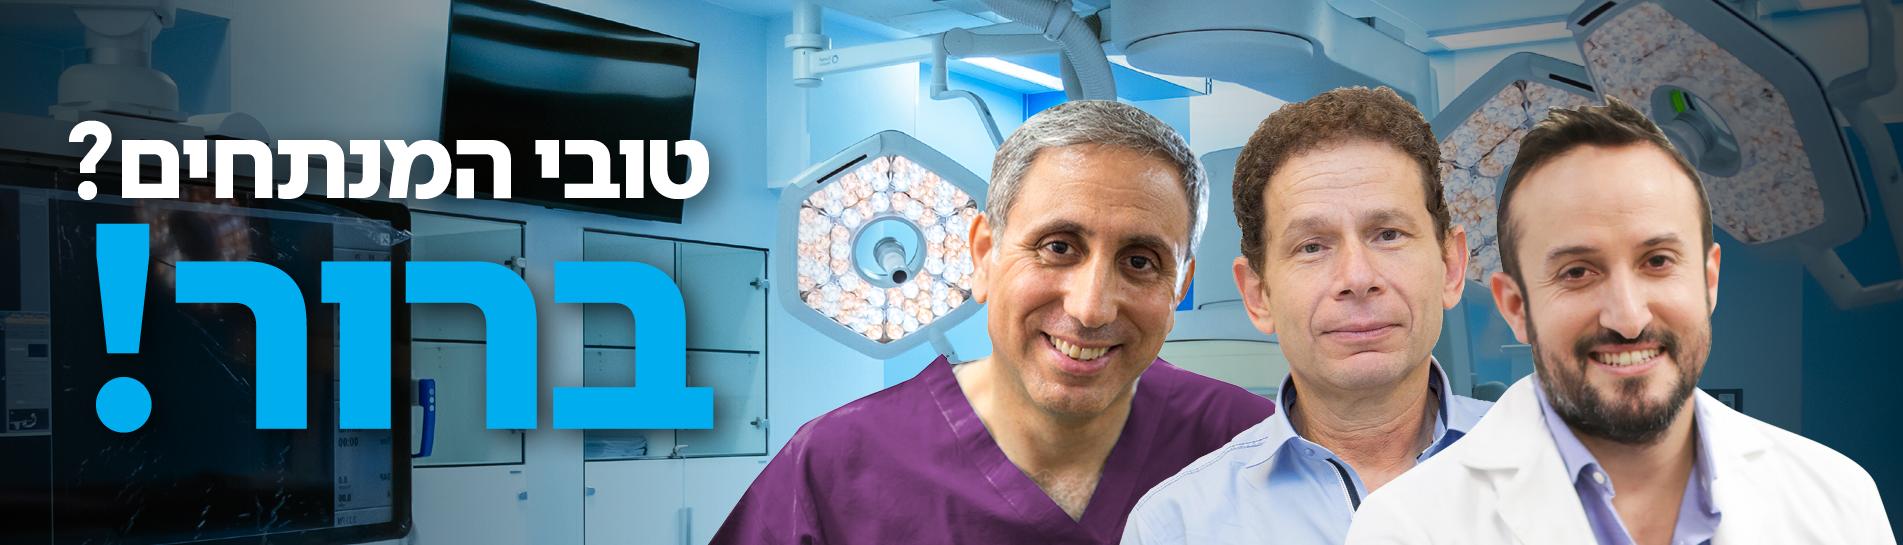 טובי המנתחים ברפואת עיניים? ברור! עין טל הדסה